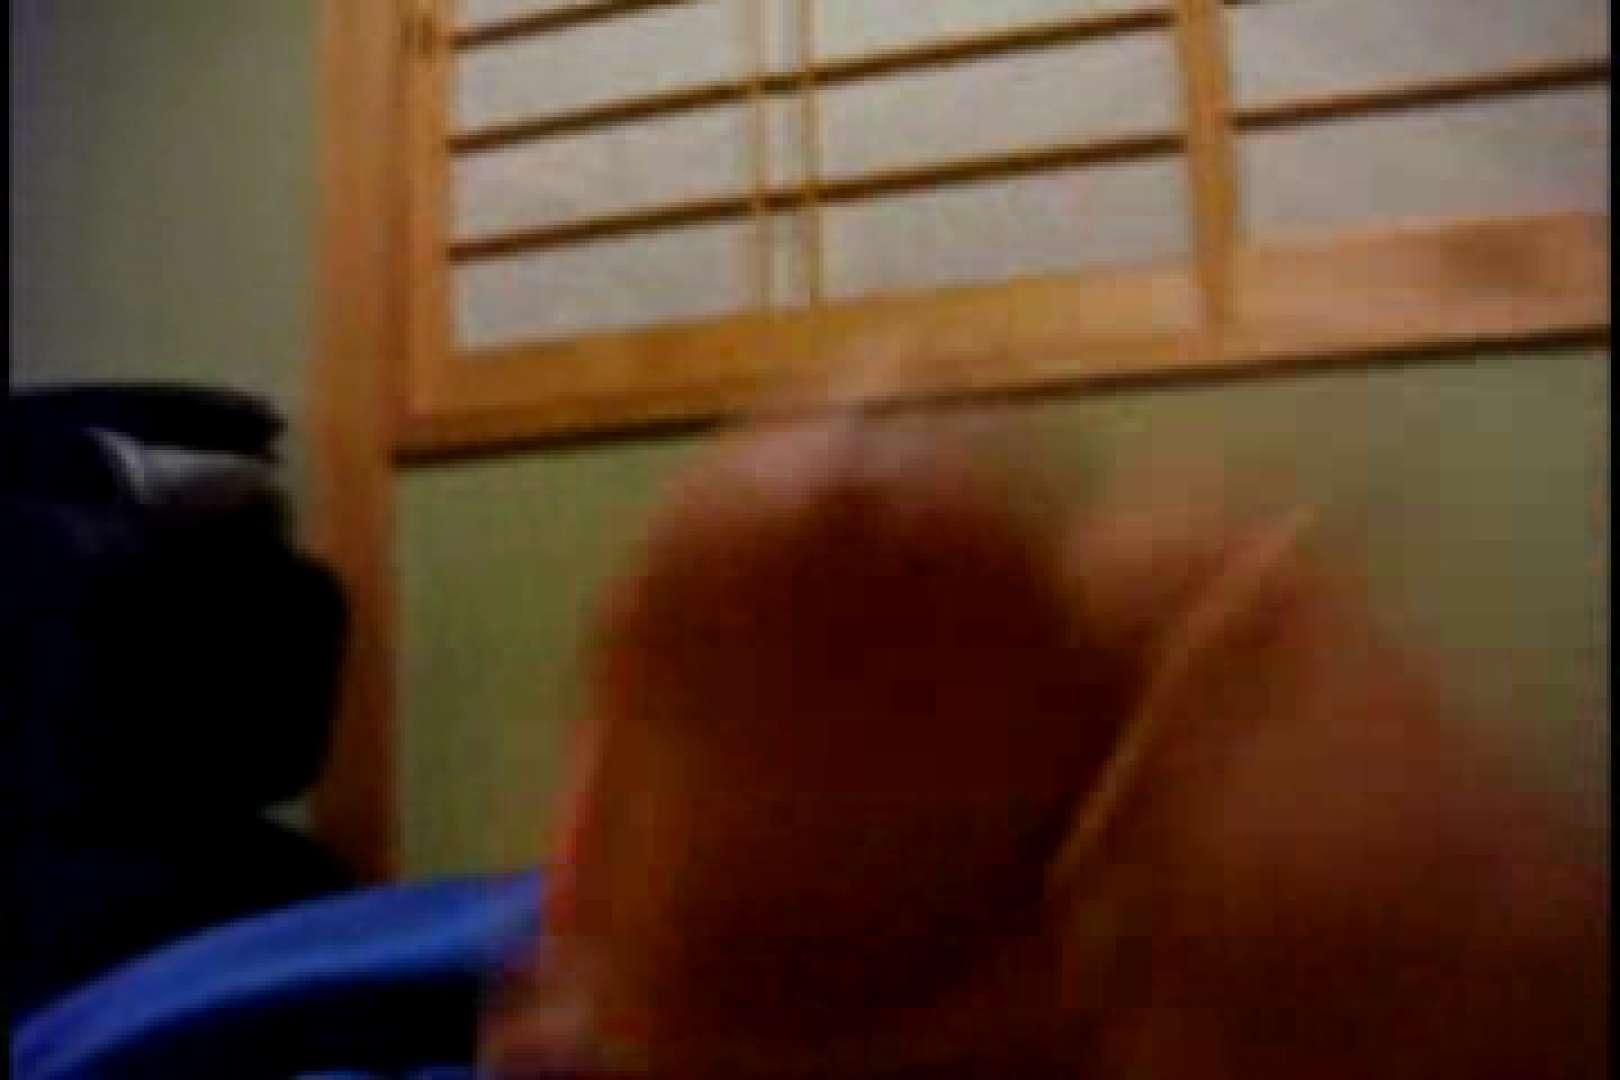 オナ好きノンケテニス部員の自画撮り投稿vol.02 射精 ゲイ無修正動画画像 102枚 68